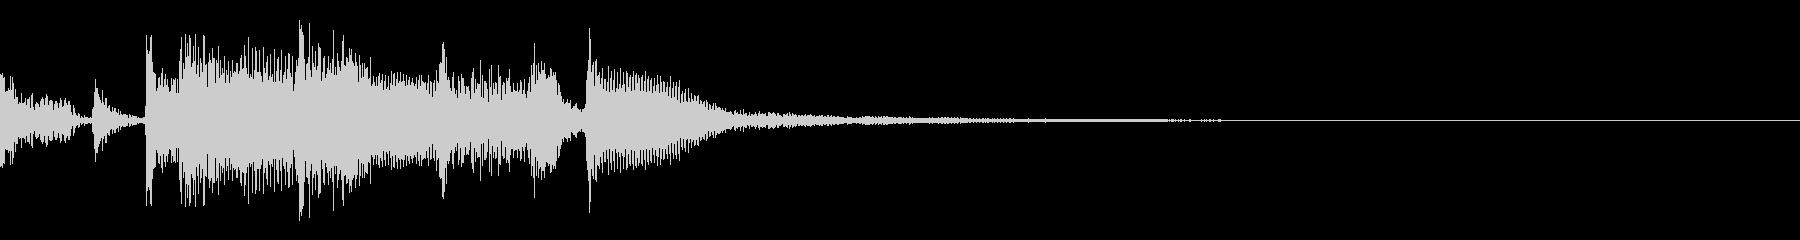 アコースティックギターのジングル・6の未再生の波形